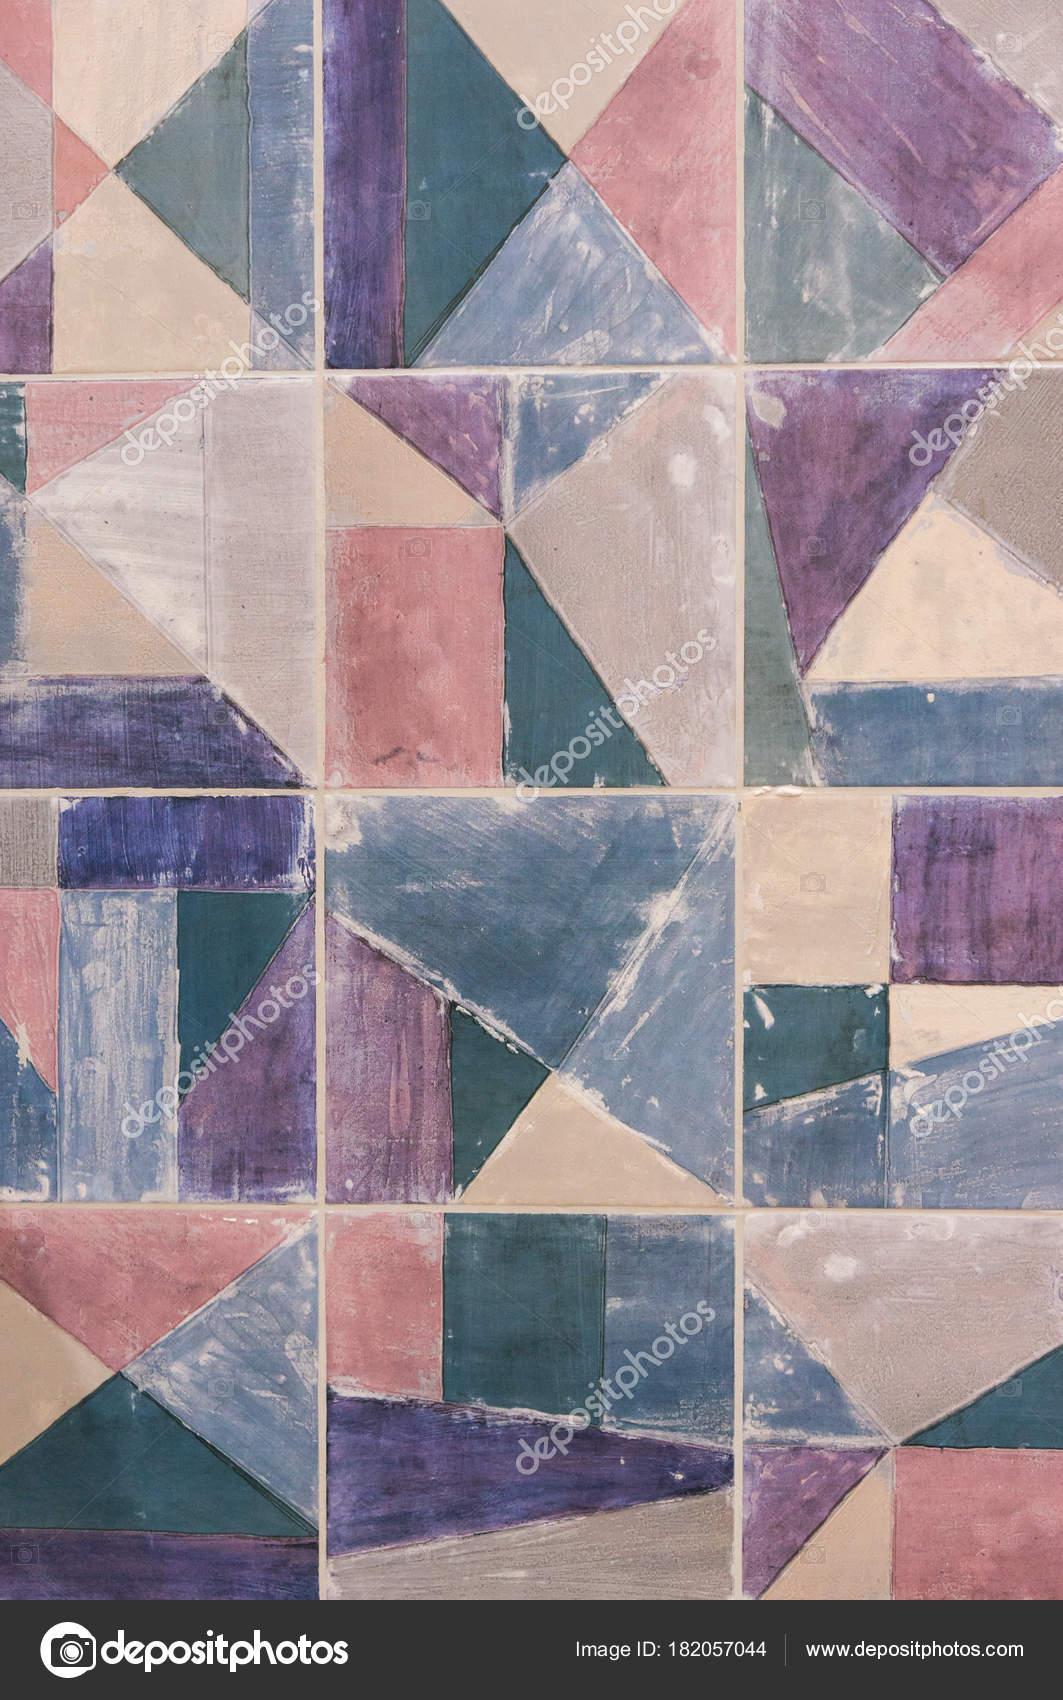 Samples Of A Ceramic Tile In Shop Stock Photo Gilmanshin 182057044